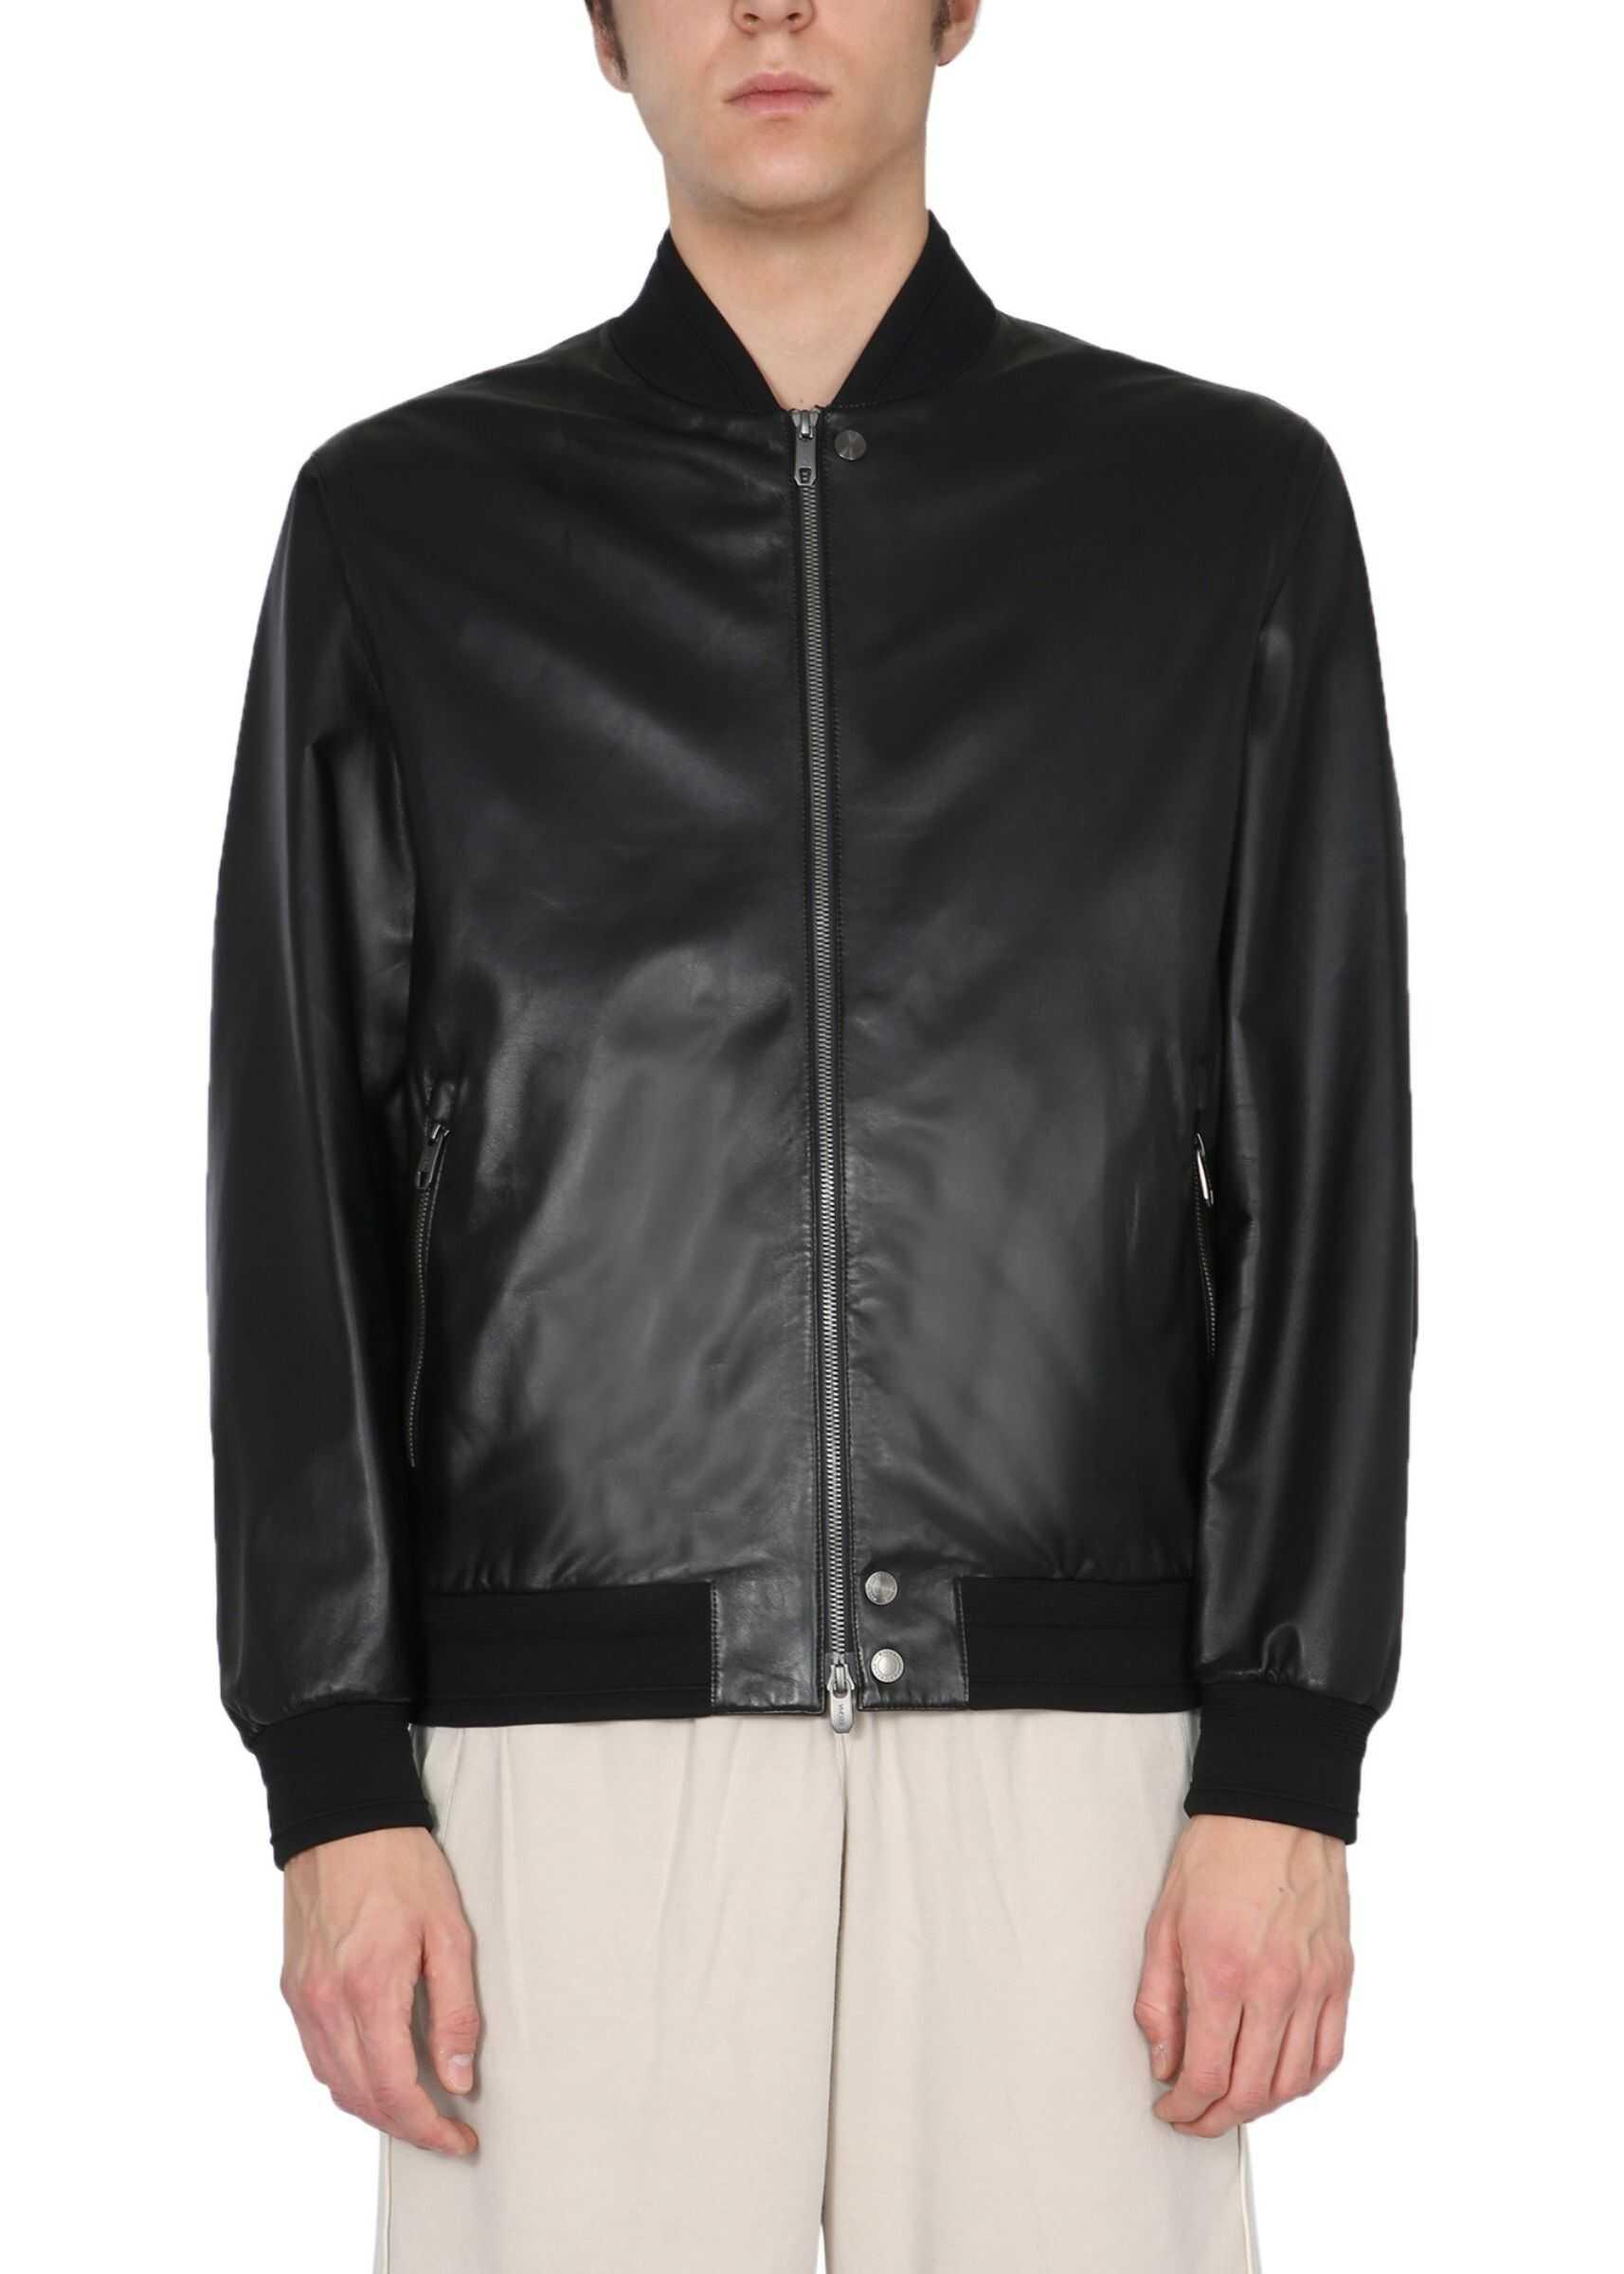 Z Zegna Leather Jacket With Logo BLACK imagine